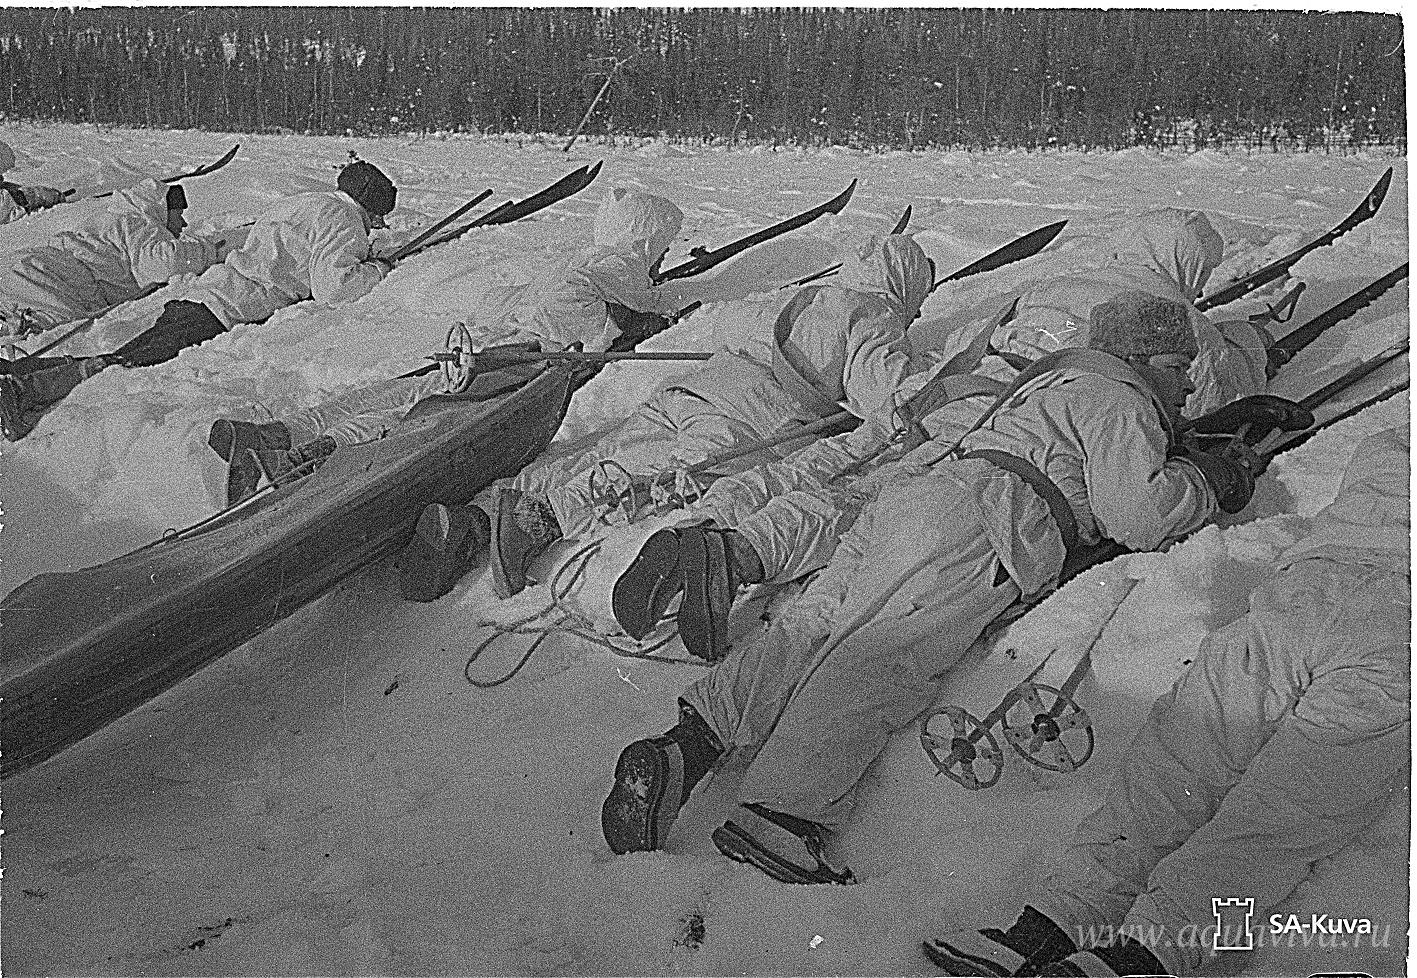 Финская пехота на позициях. 21 февраля 1940 года